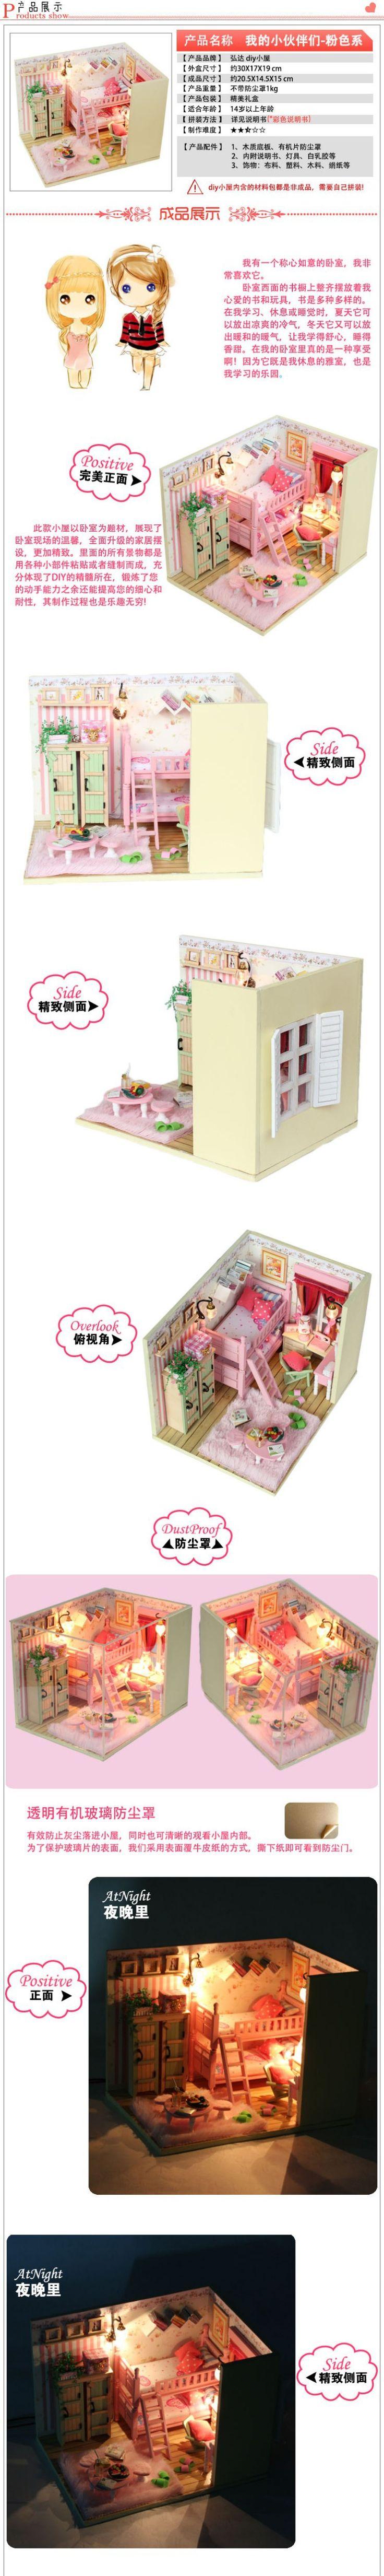 Кукольный дом Hongda Diy /diy M006 в интернет-магазине Сena24.ru